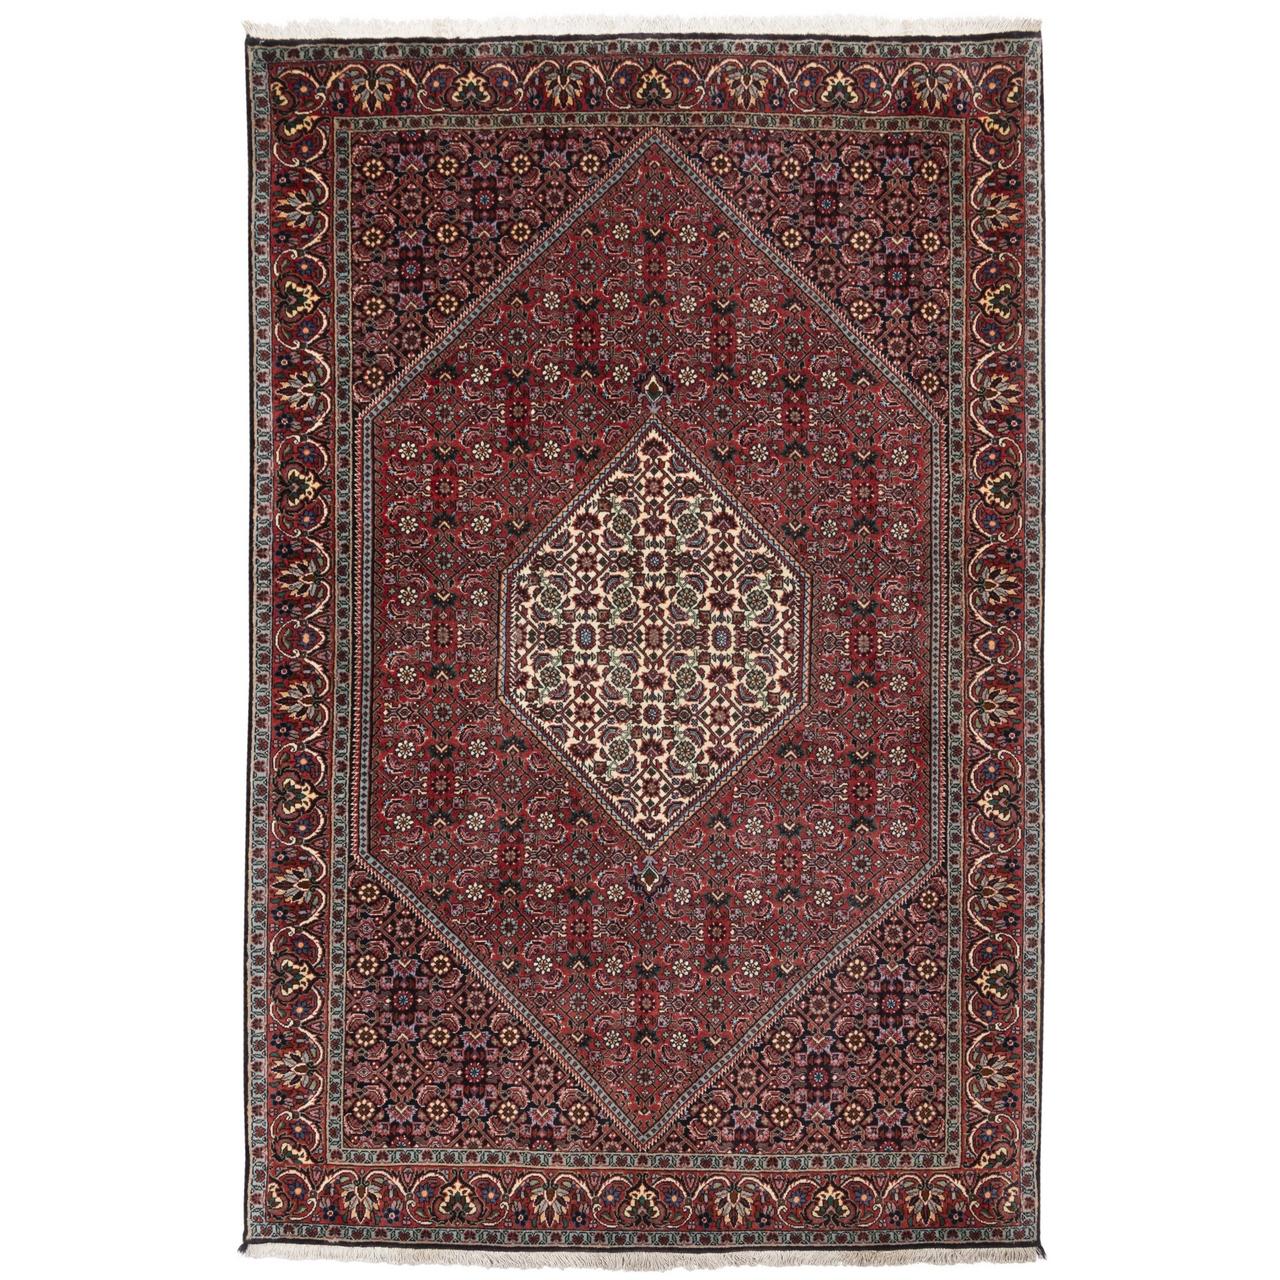 فرش دستباف دو متری سی پرشیا کد 187030